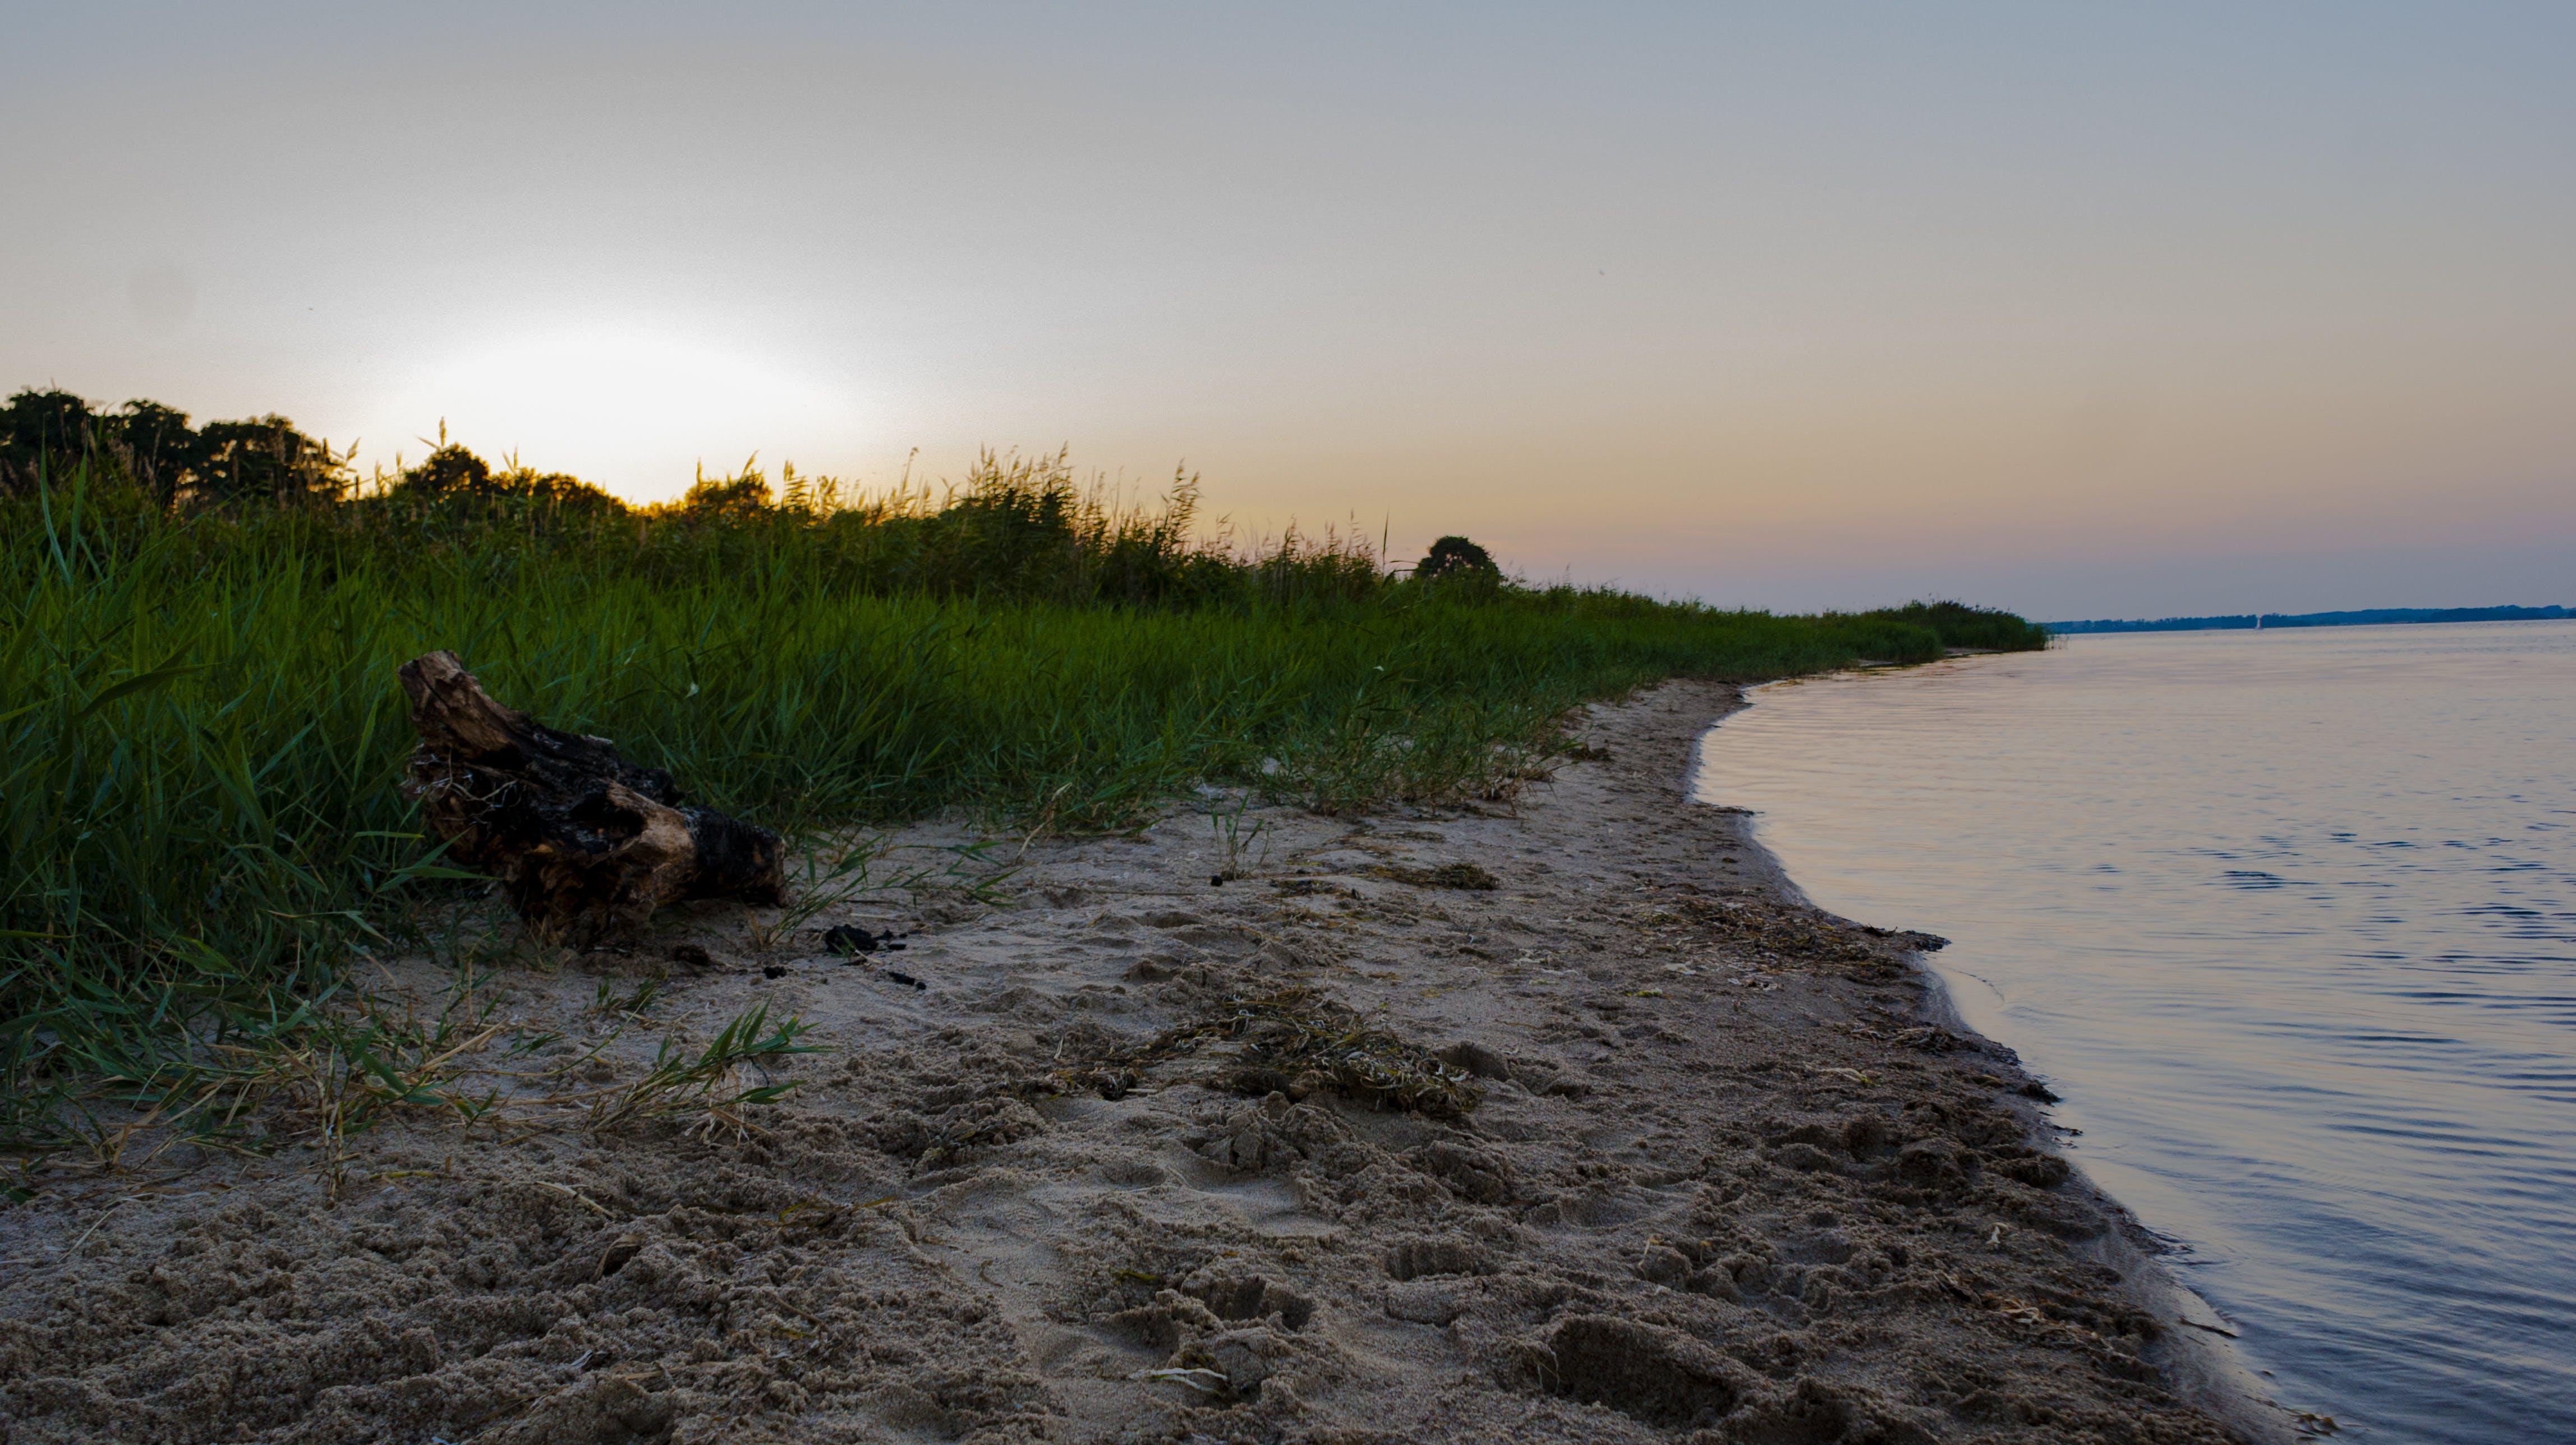 Δωρεάν στοκ φωτογραφιών με άμμος-παραλία, ανοικτή εστία, γαλάζια νερά, δύση του ηλίου